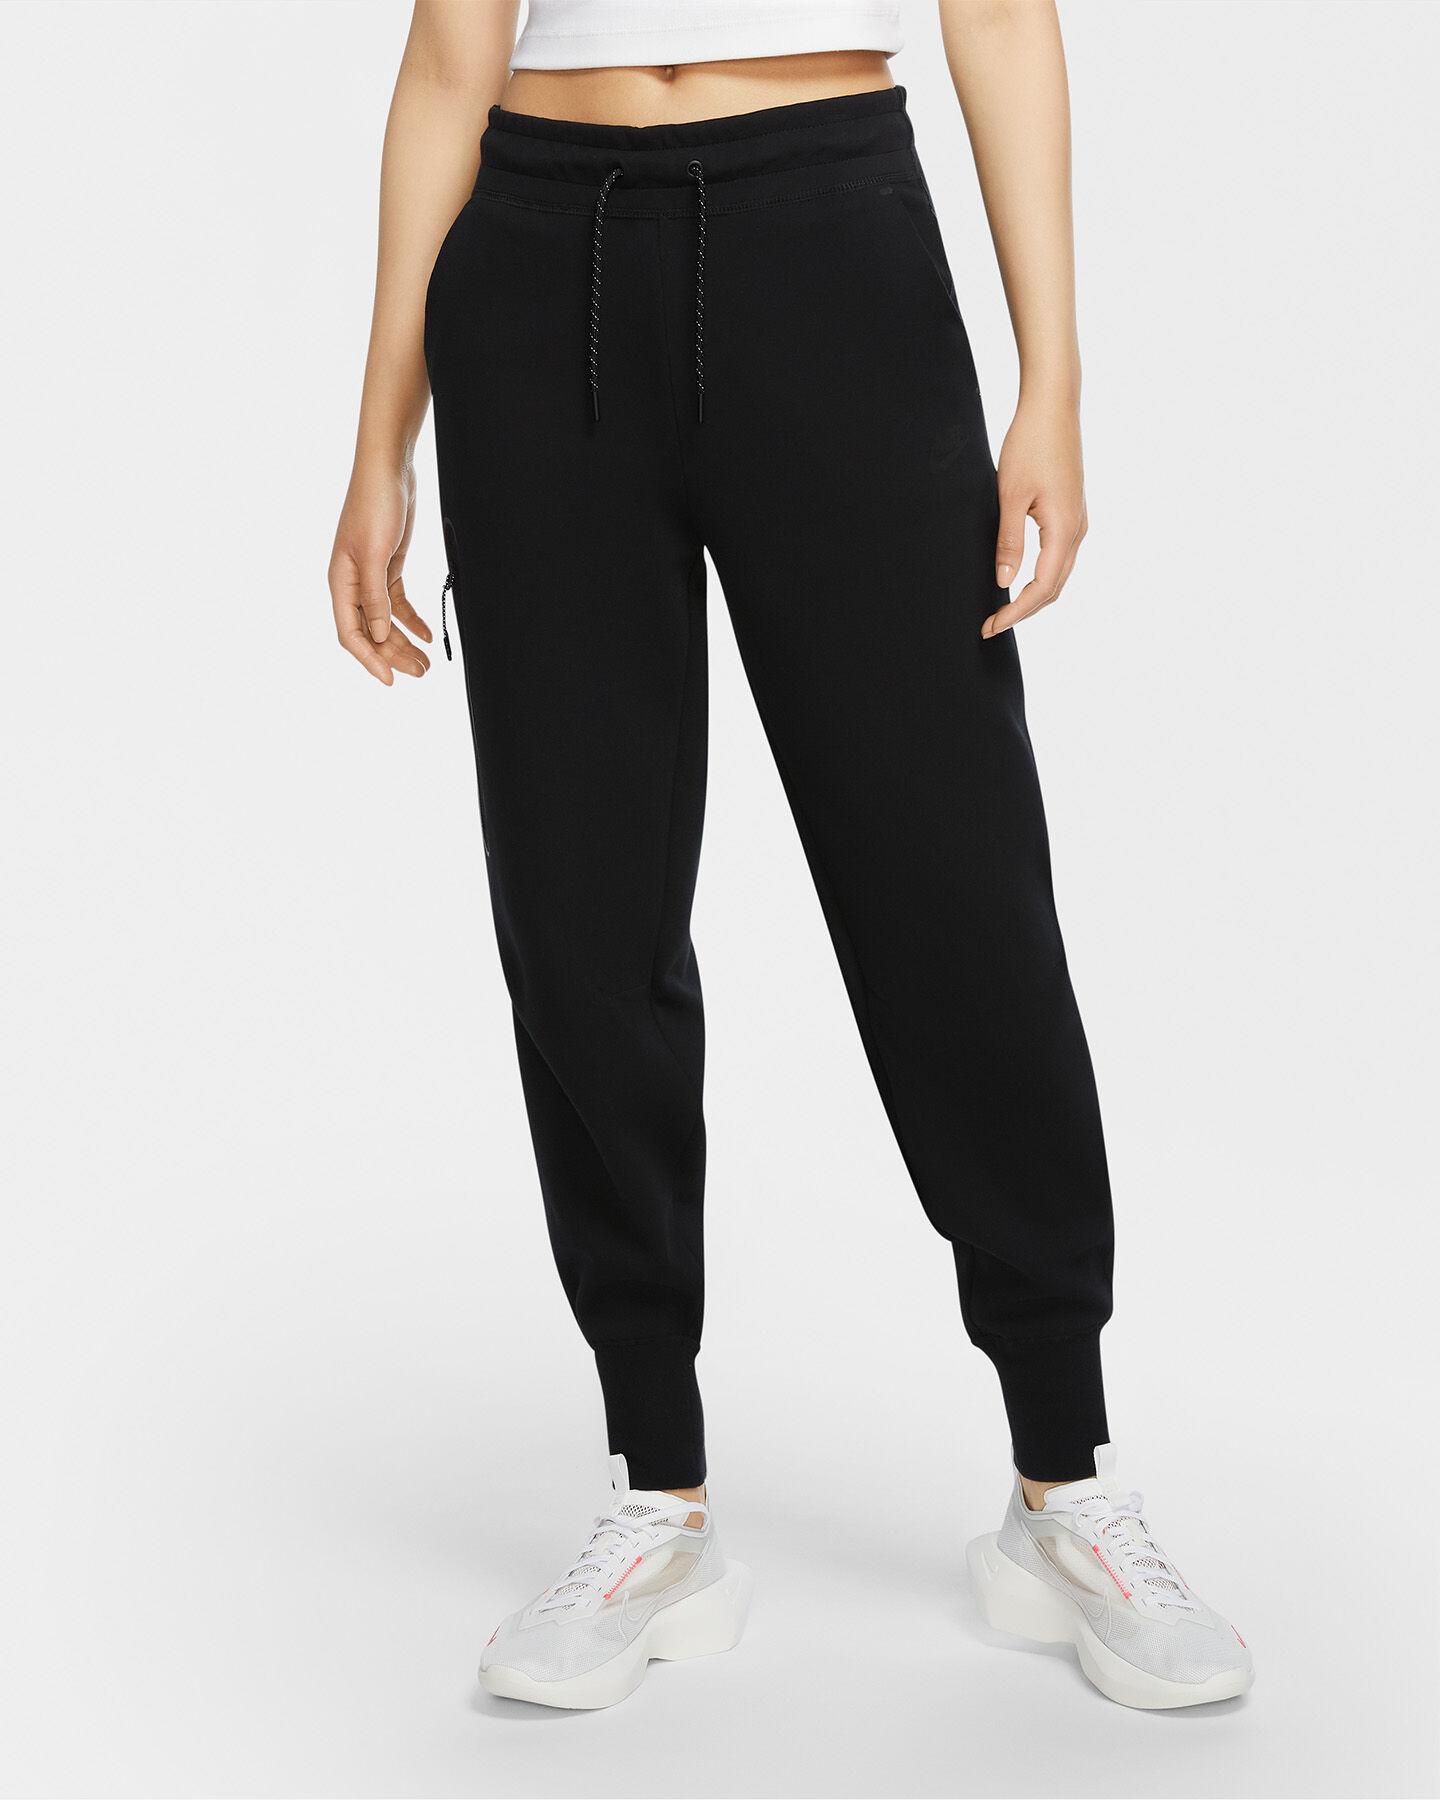 Pantalone NIKE TECH FLEECCE W S5223407 scatto 2